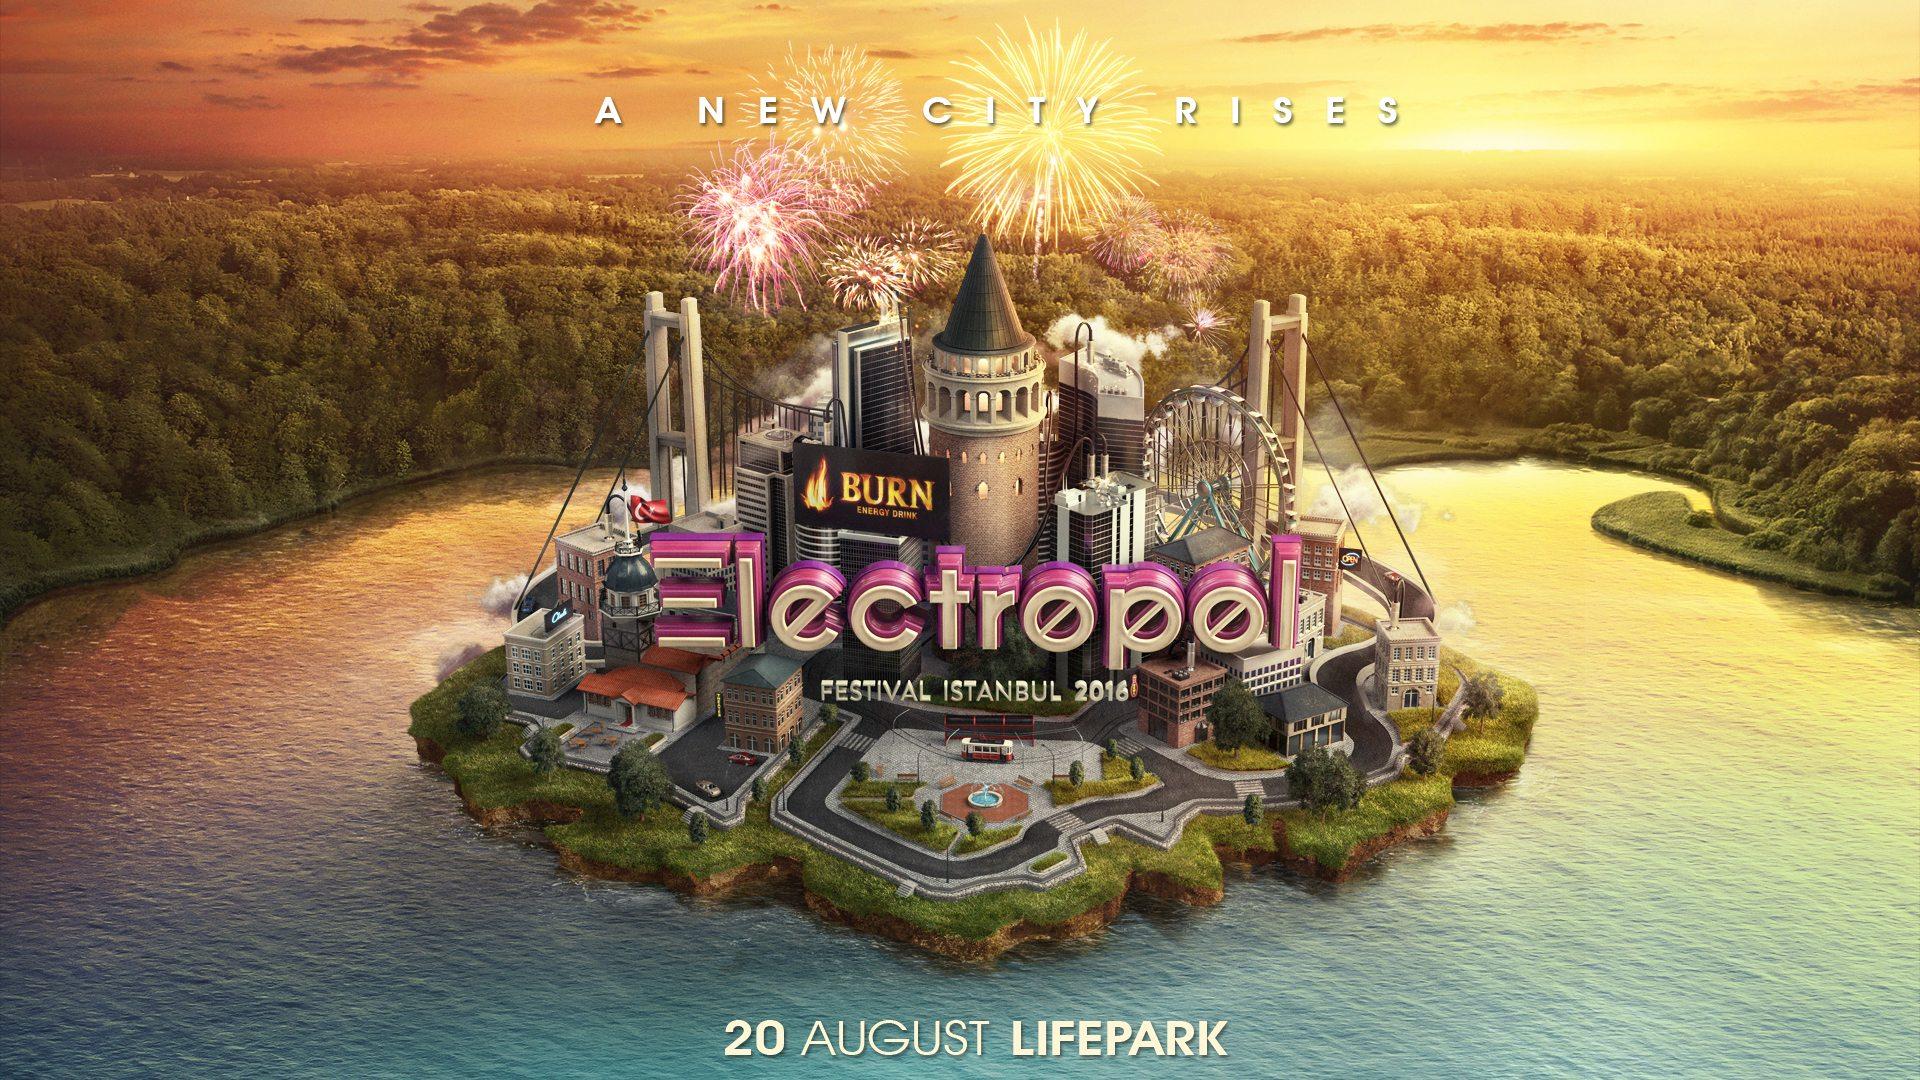 Electropol Festival 2016 başlıyor!